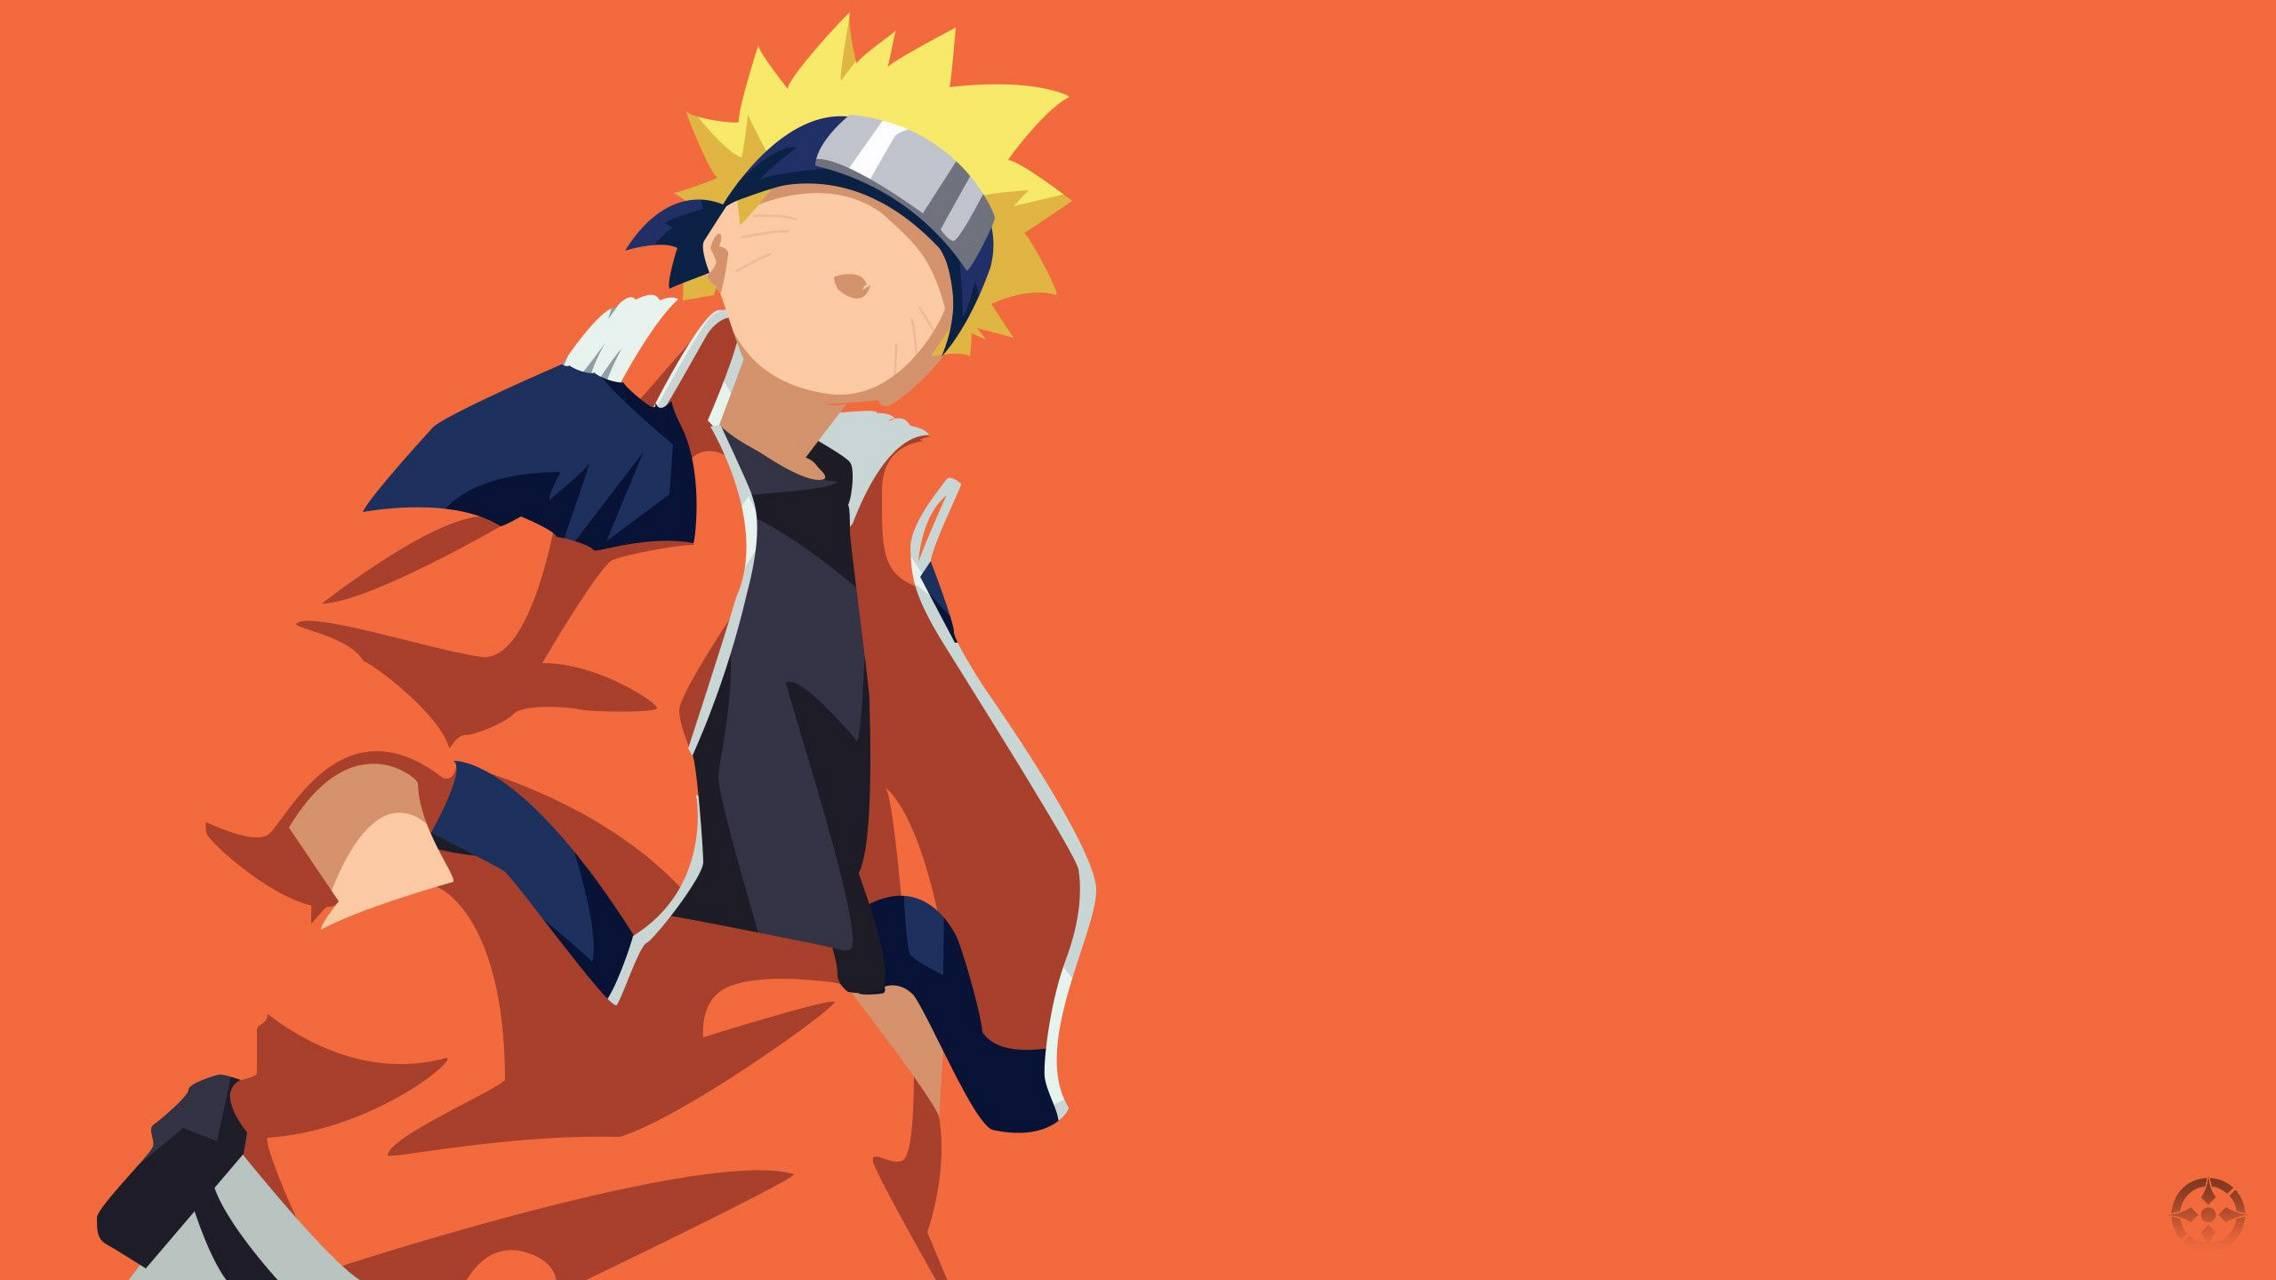 Naruto Z